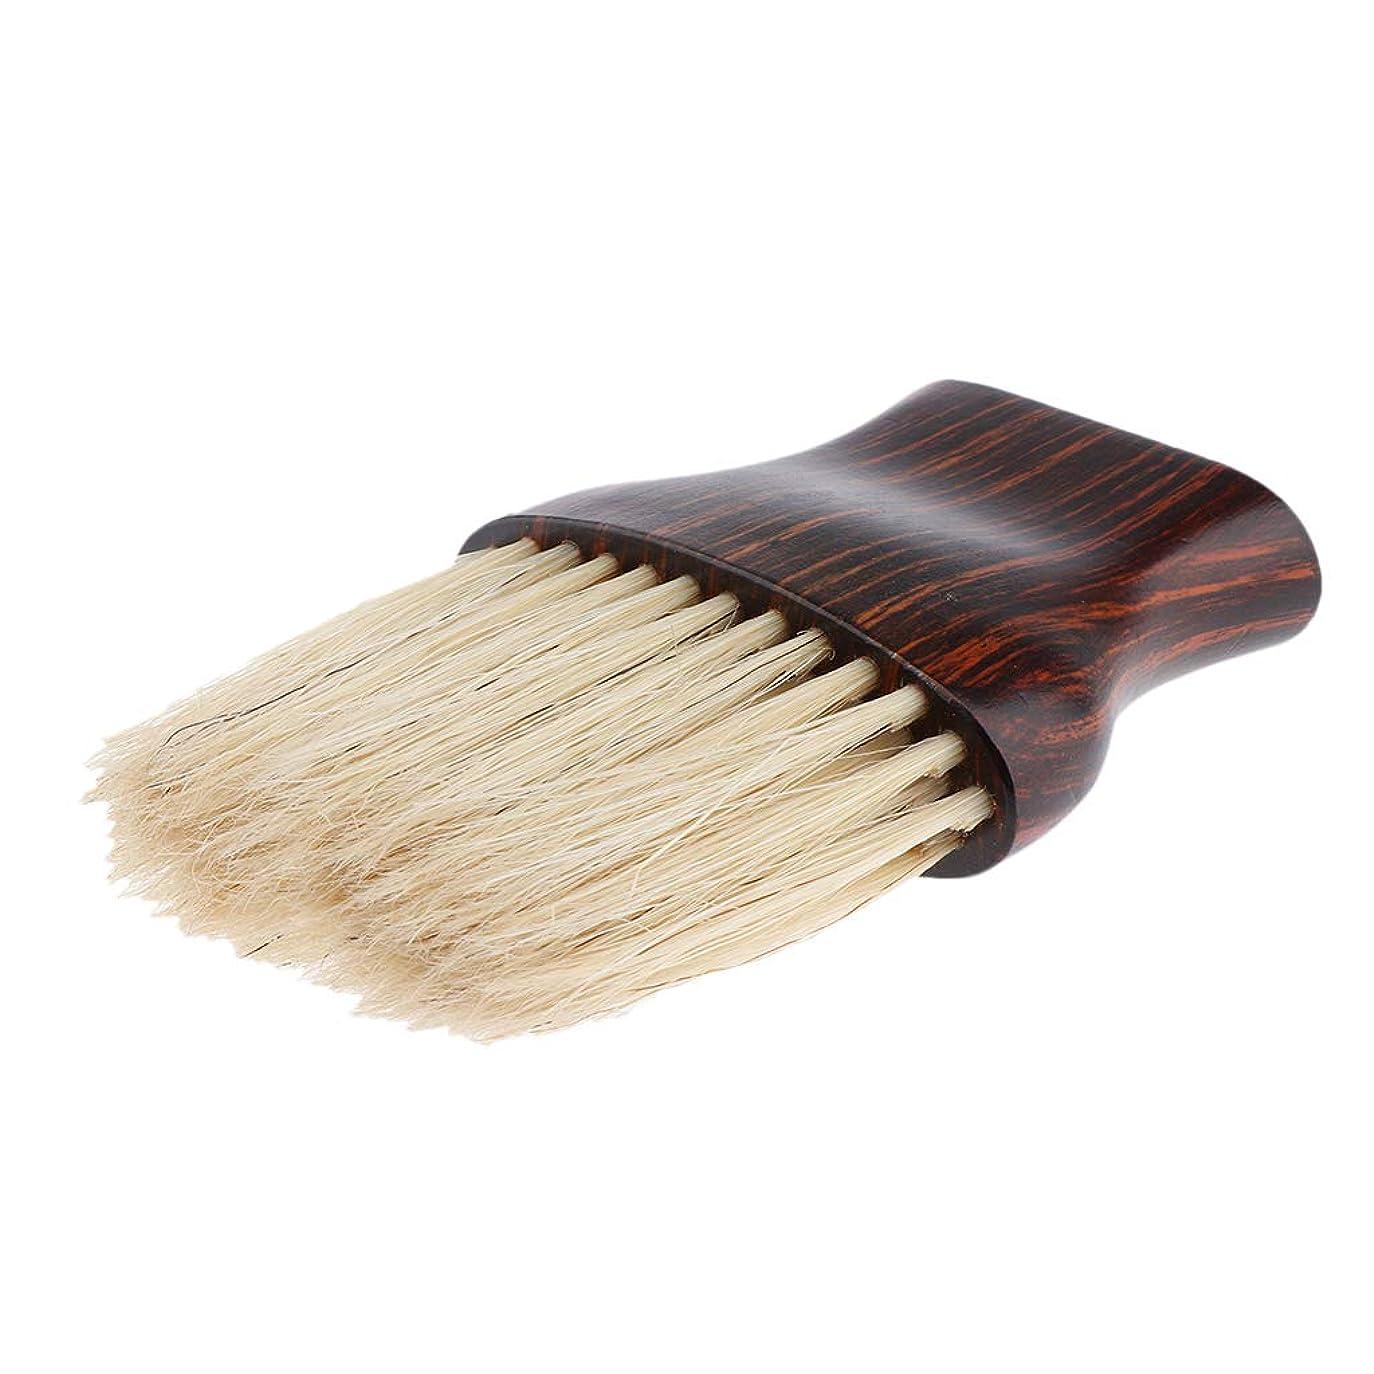 櫛ギャラントリーアナログF Fityle ネックダスターブラシ ヘアカットブラシ クリーニング ヘアブラシ 理髪美容ツール